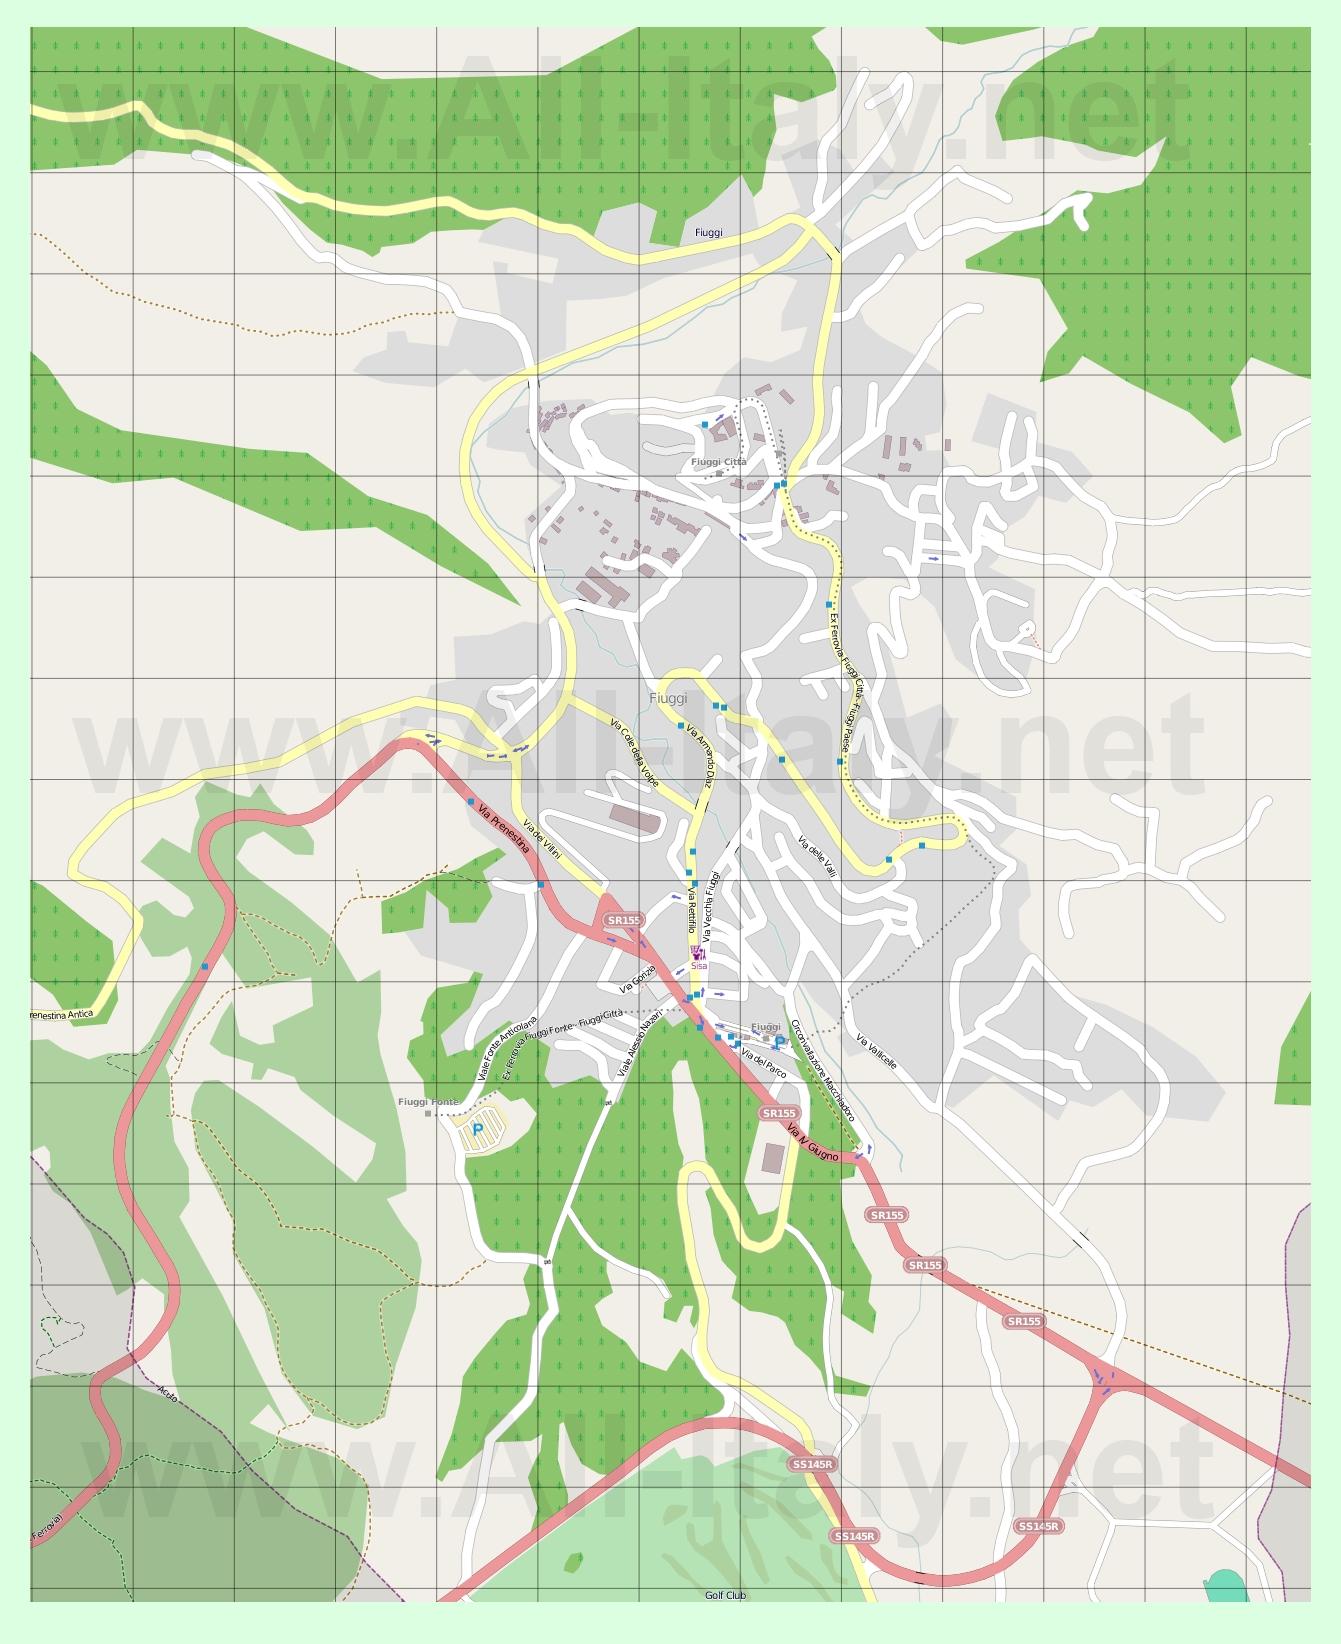 Подробная карта города фьюджи